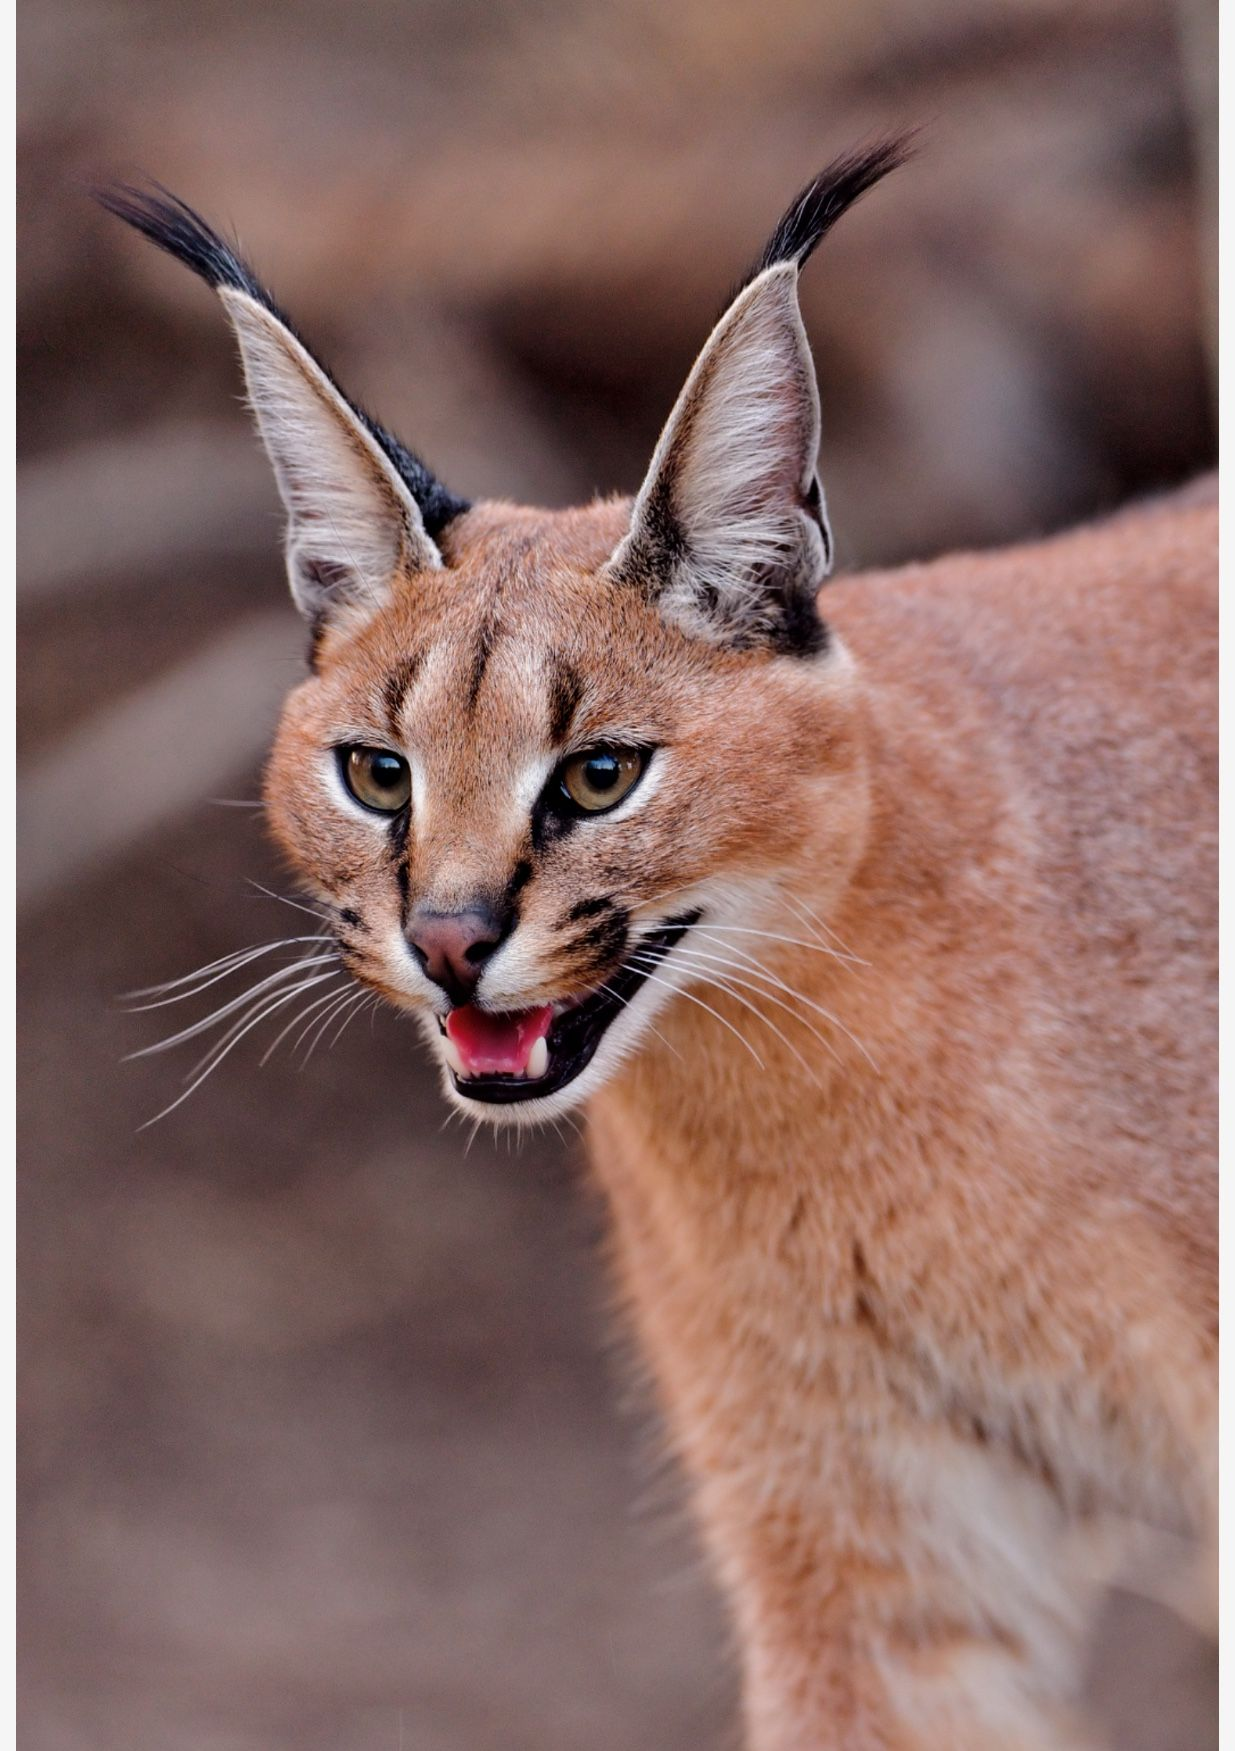 Pretty caracal (Caracal caracal), a mediumsized wild cat